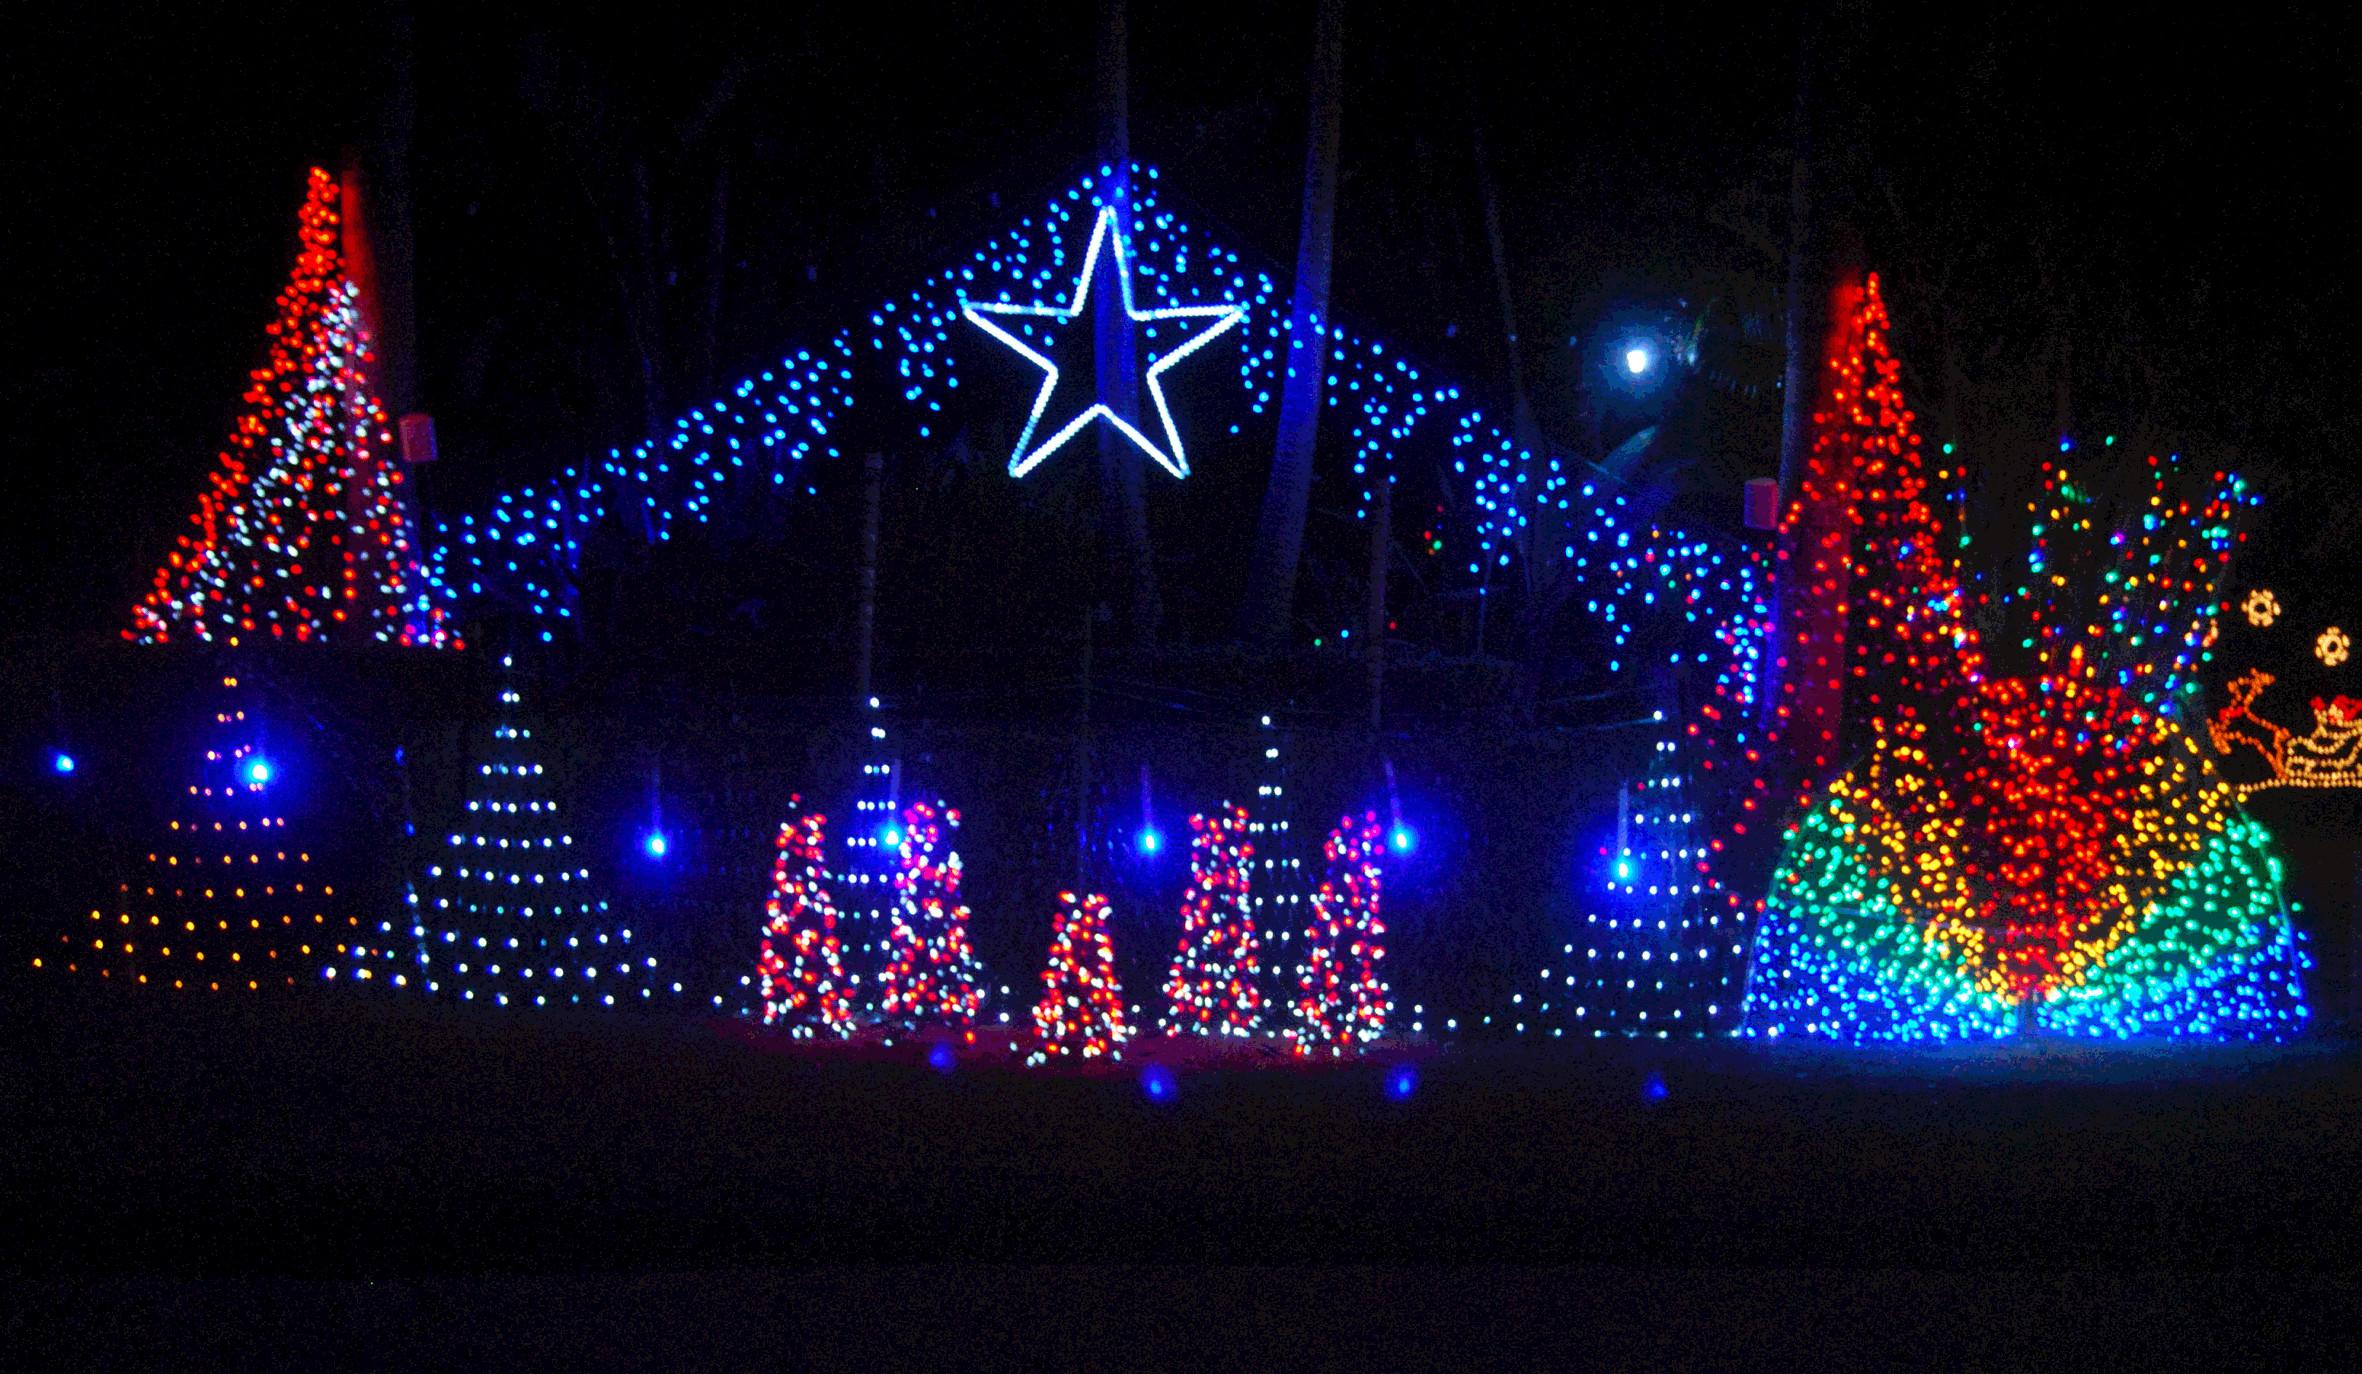 … Animated Christmas Lights Wallpaper …